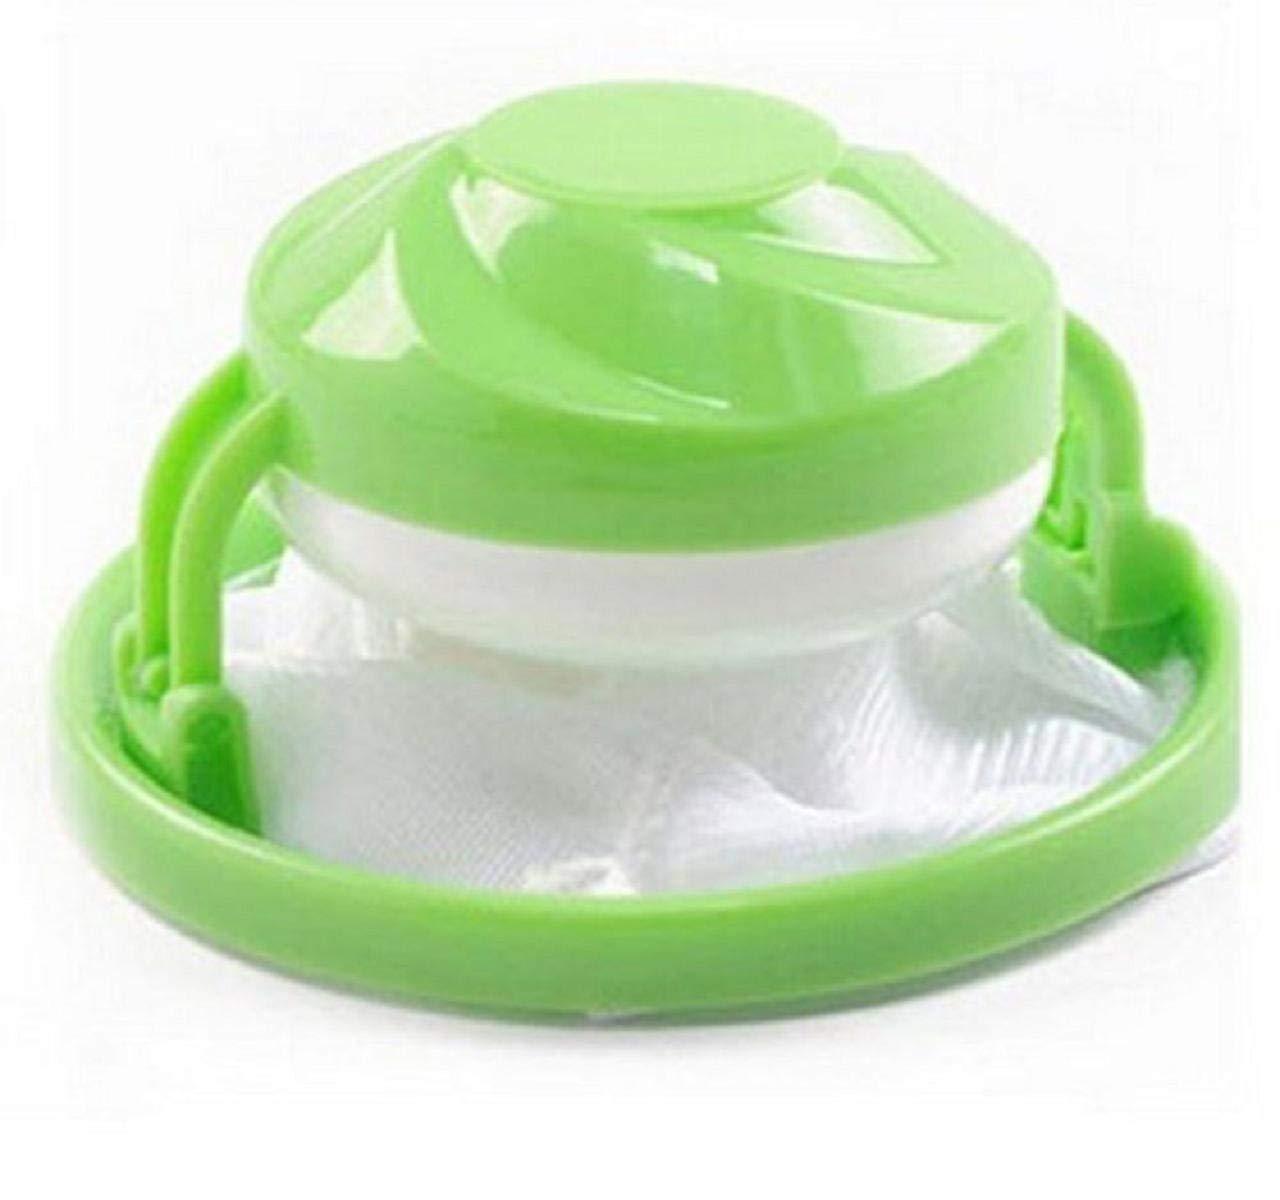 Boddenly Washing Machine Floating - Reusable Washing Machine Filter Mesh Bag Hair Filter Net Pouch, Floating Filter Net Bag Hair Remover